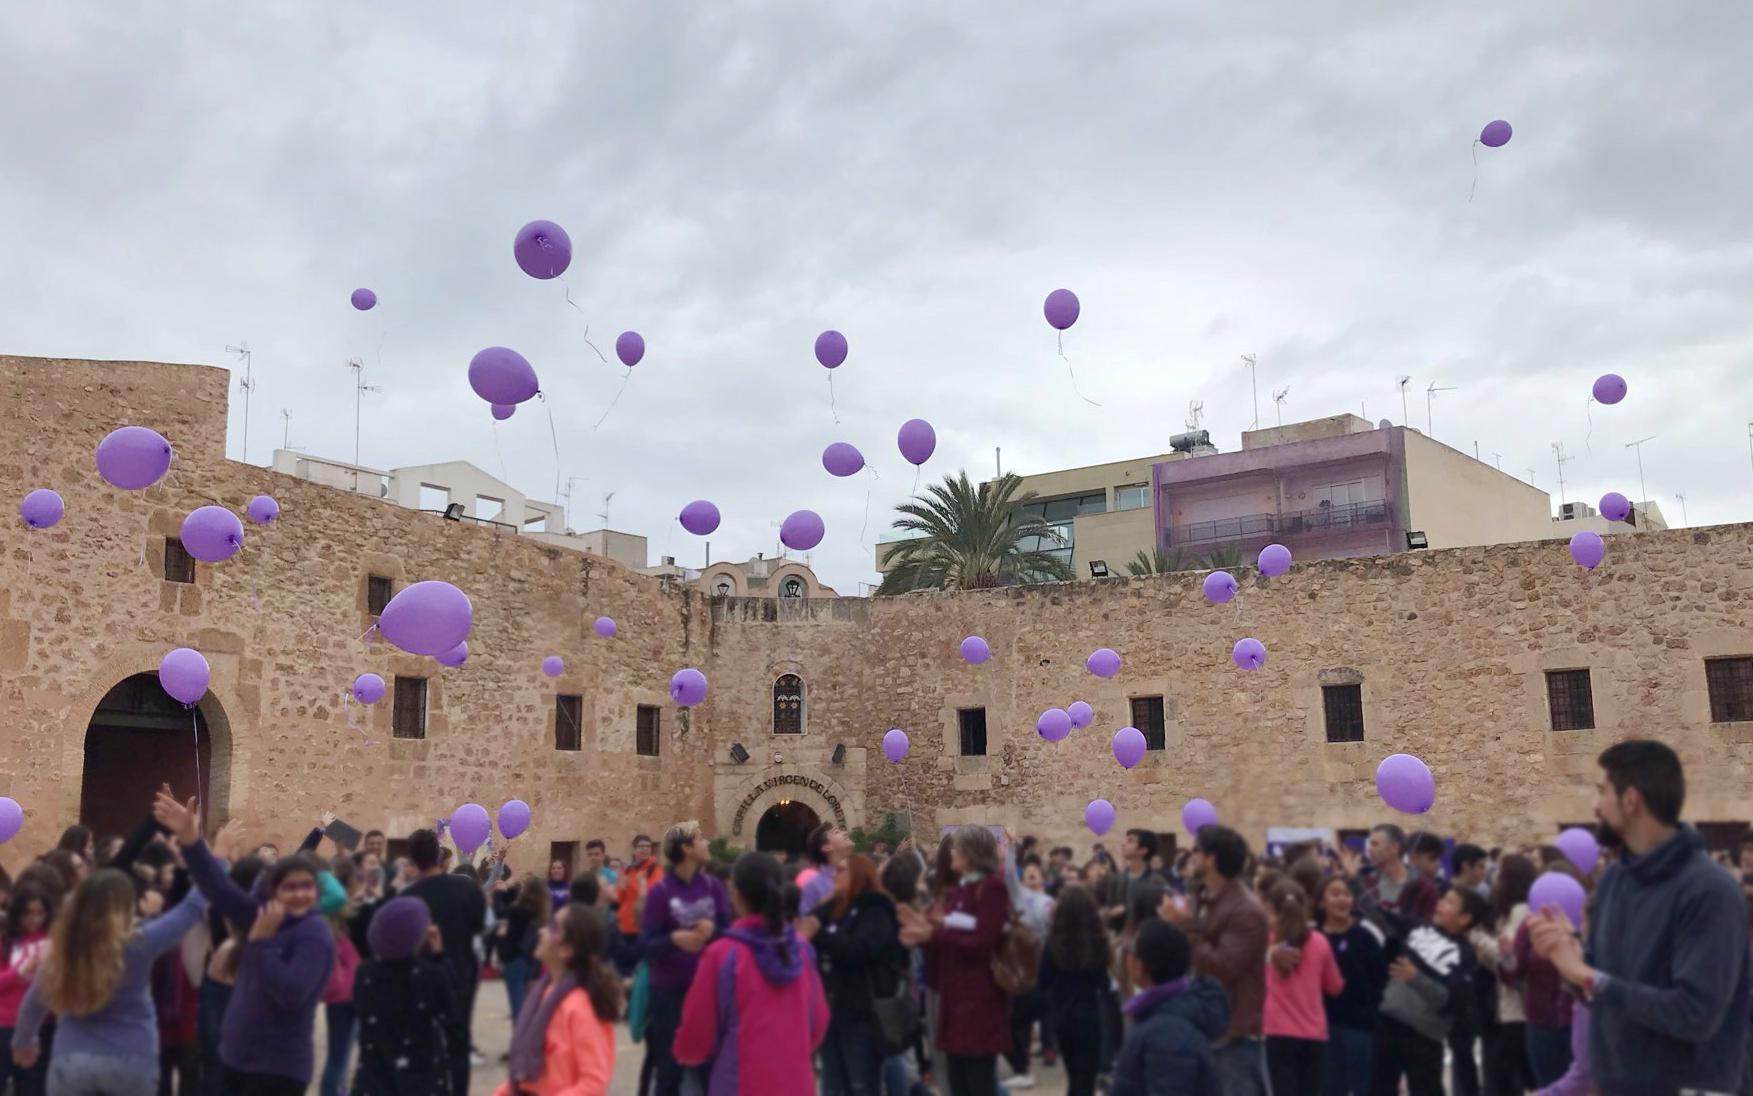 (Castellano) El Castillo Fortaleza acoge los actos del 25N rodeado de talleres, poesía y un manifiesto contra todas las violencias machistas